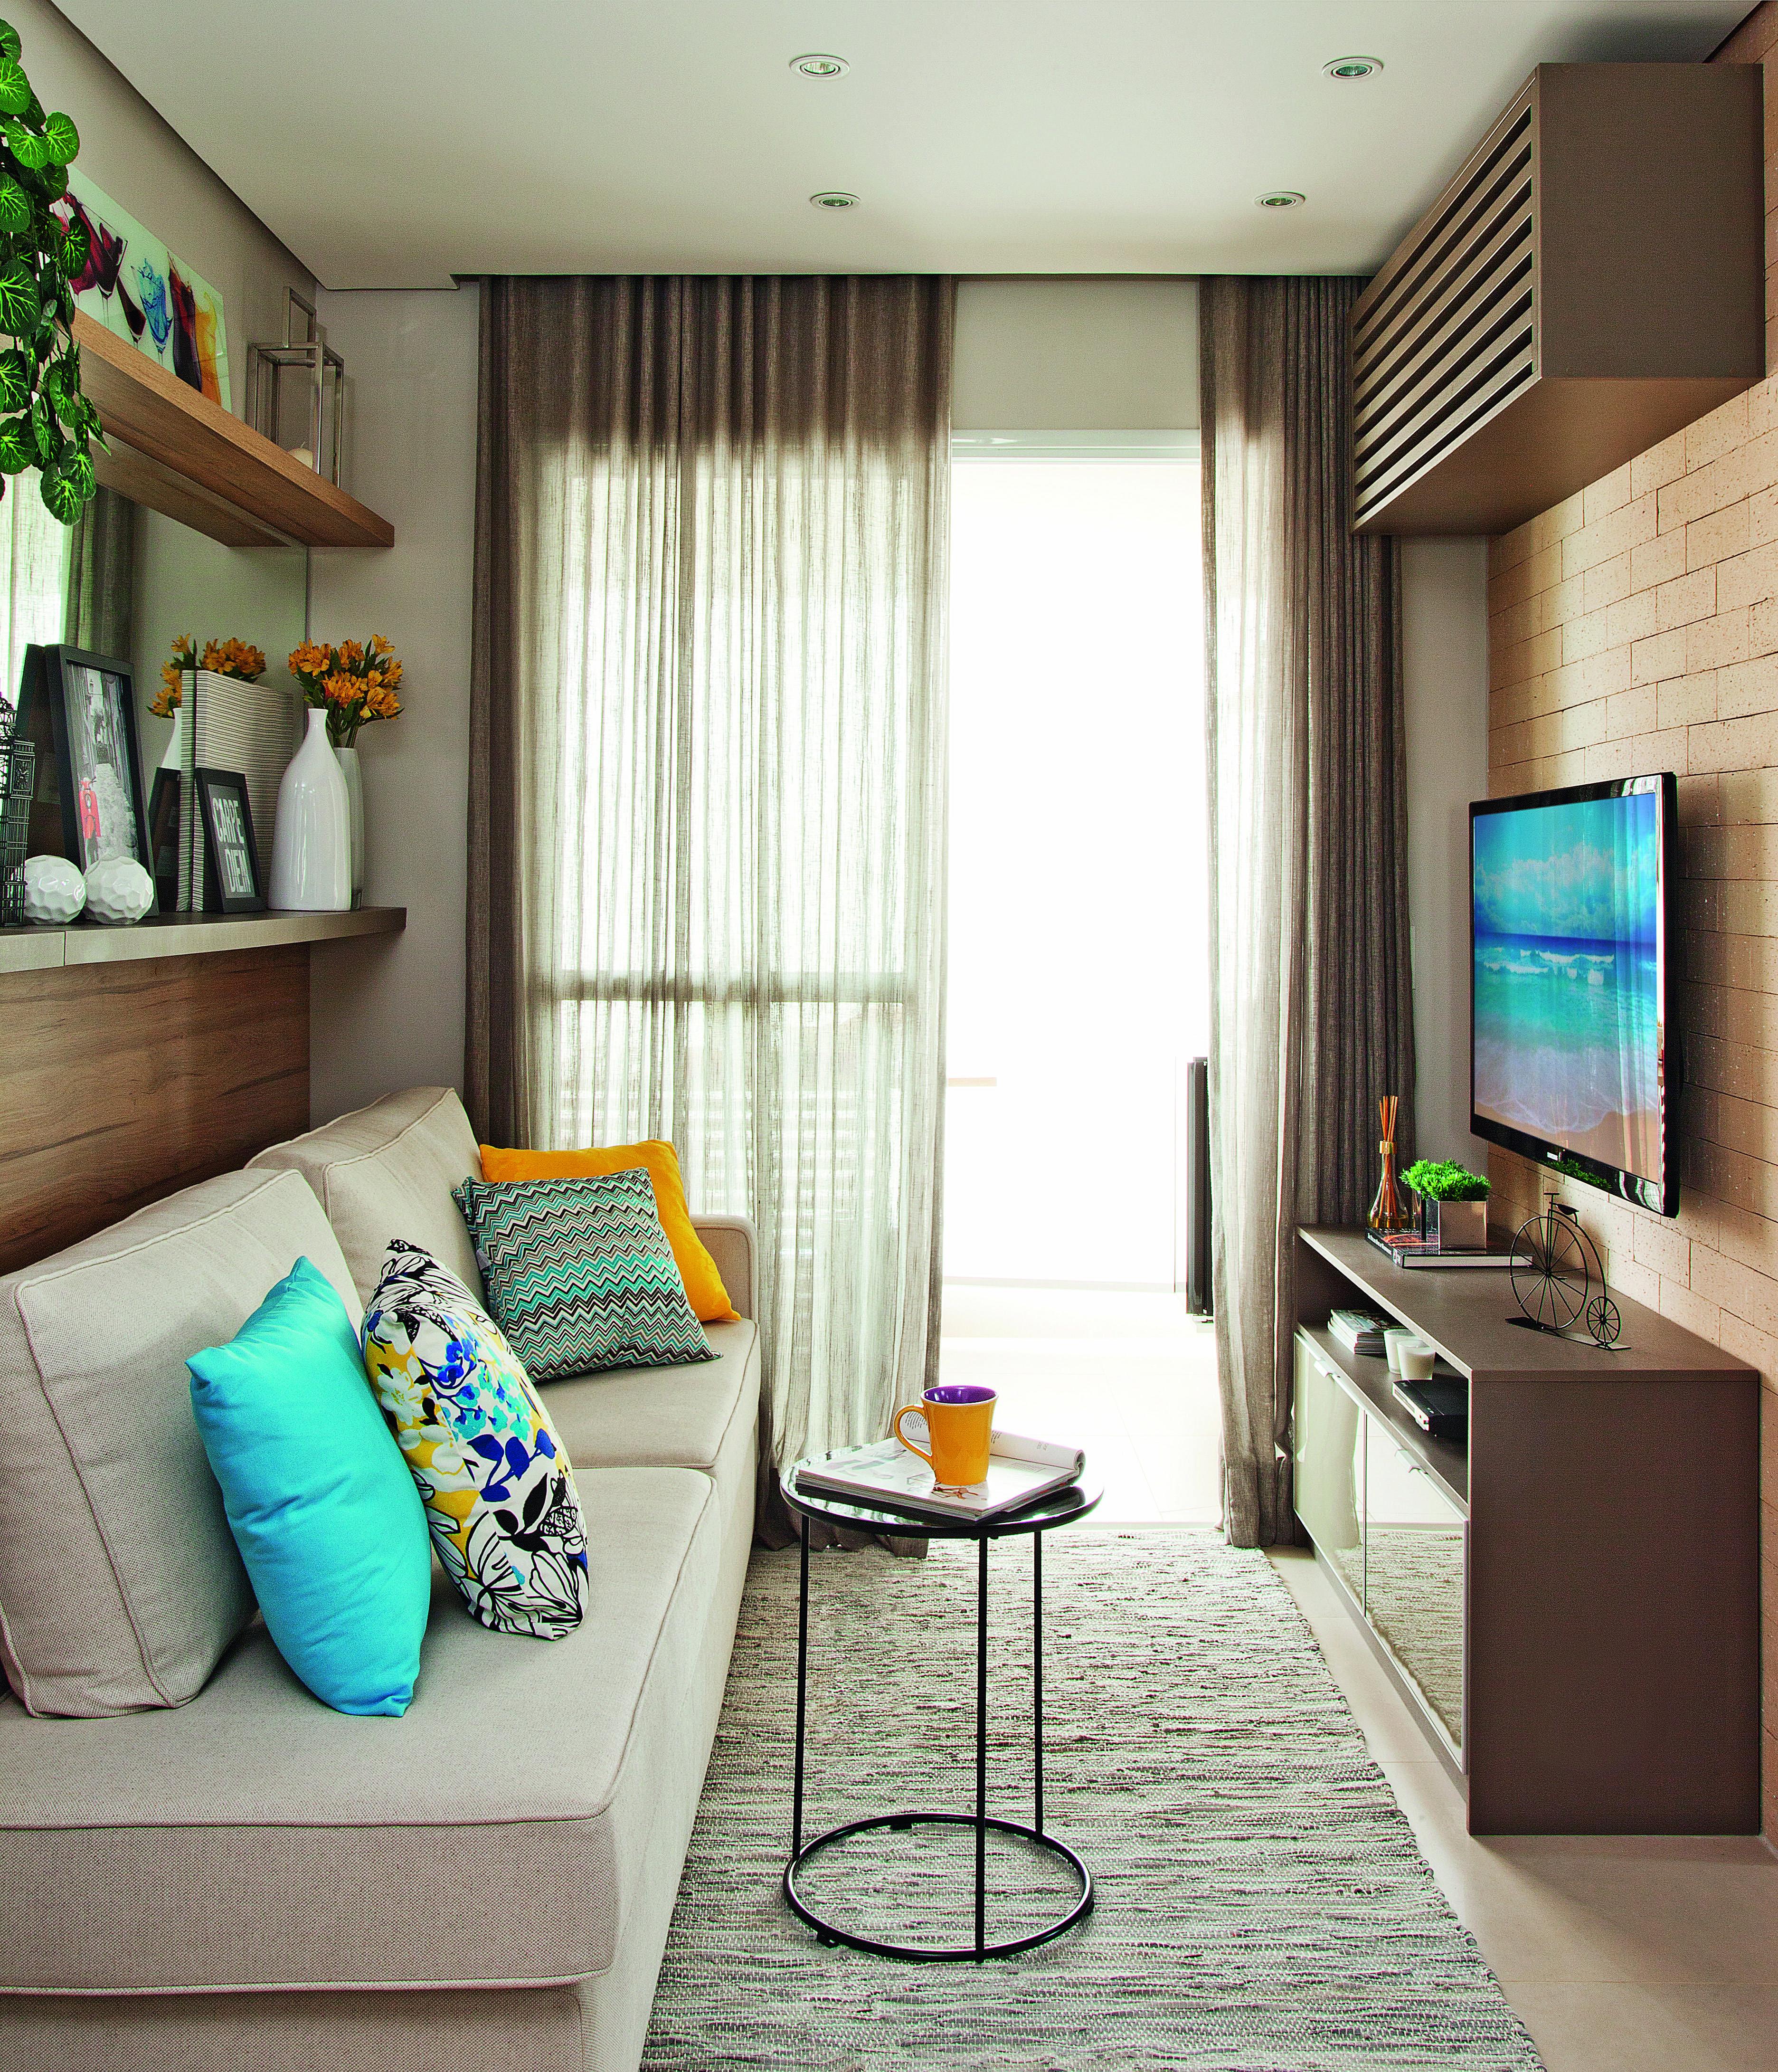 Apartamento Pequeno Com Ambientes Integrados E Decora O Neutra